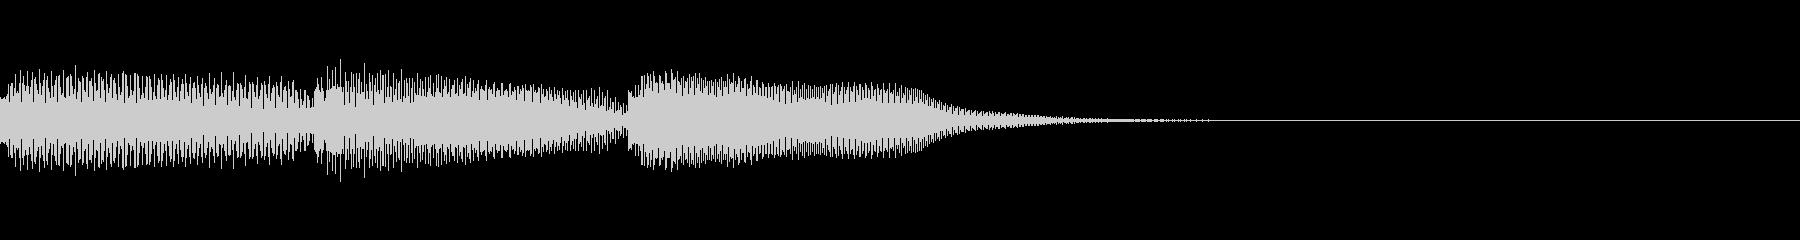 ピロリ(タップ・お知らせ・通知音・決定)の未再生の波形